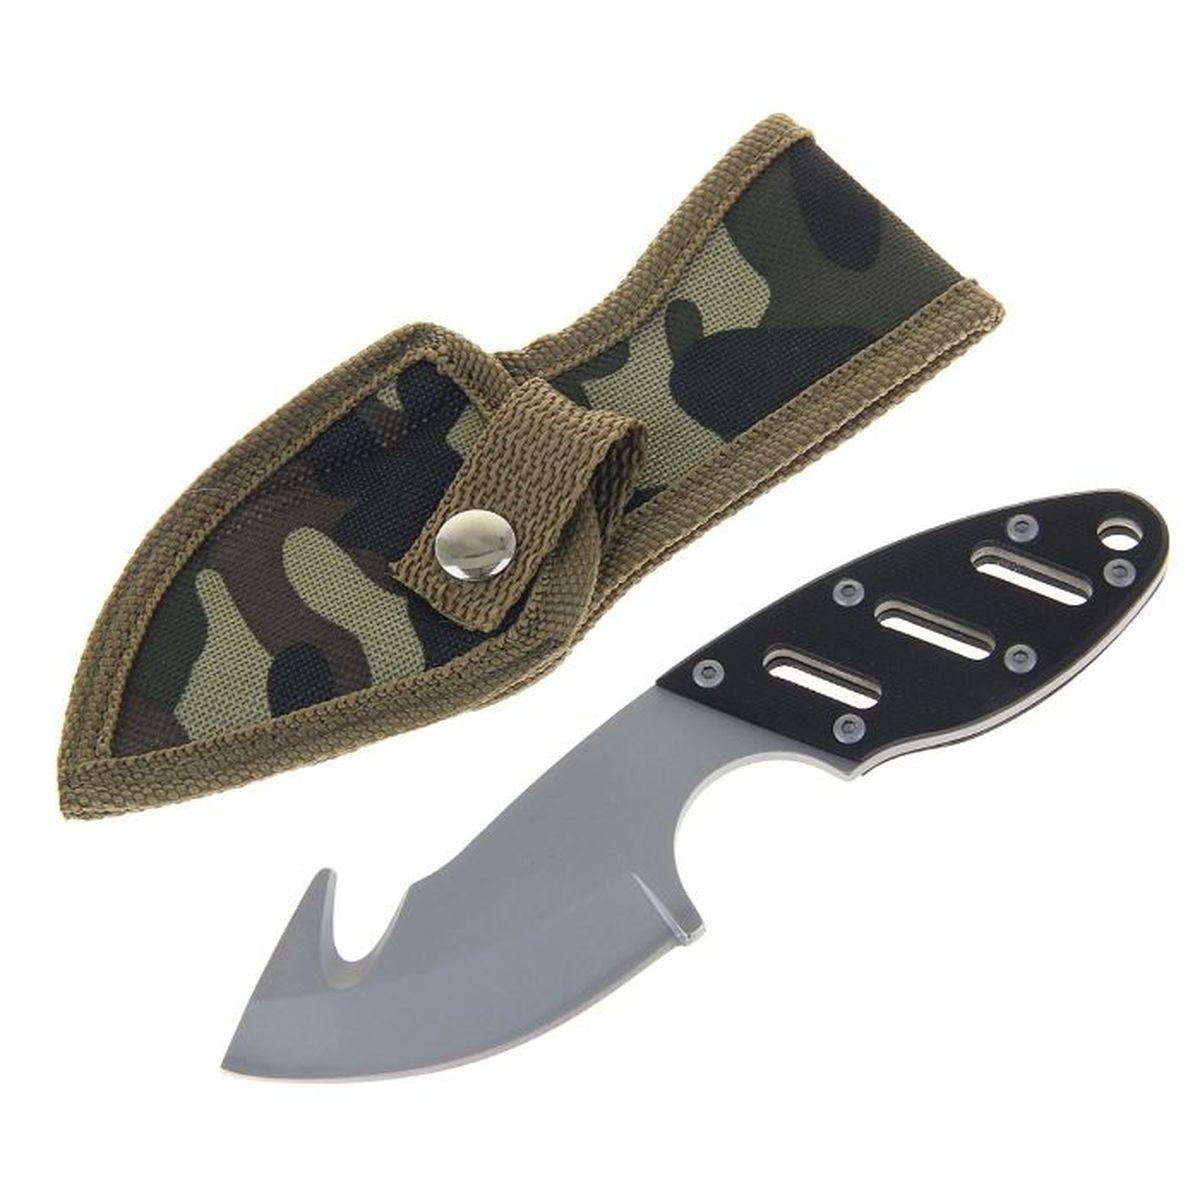 Нож туристический, с открывашкой, 3,5 х 0,5 х 16 см. 11541871154187Нож – неотъемлемый атрибут настоящего мужчины. Издревле ножи и клинки вручались знатным особам за проявление отваги и чести на военной службе. Такие подарки очень ценились и становились семейными реликвиями. Сегодня нож - это прекрасный подарок,который подойдет любому мужчине